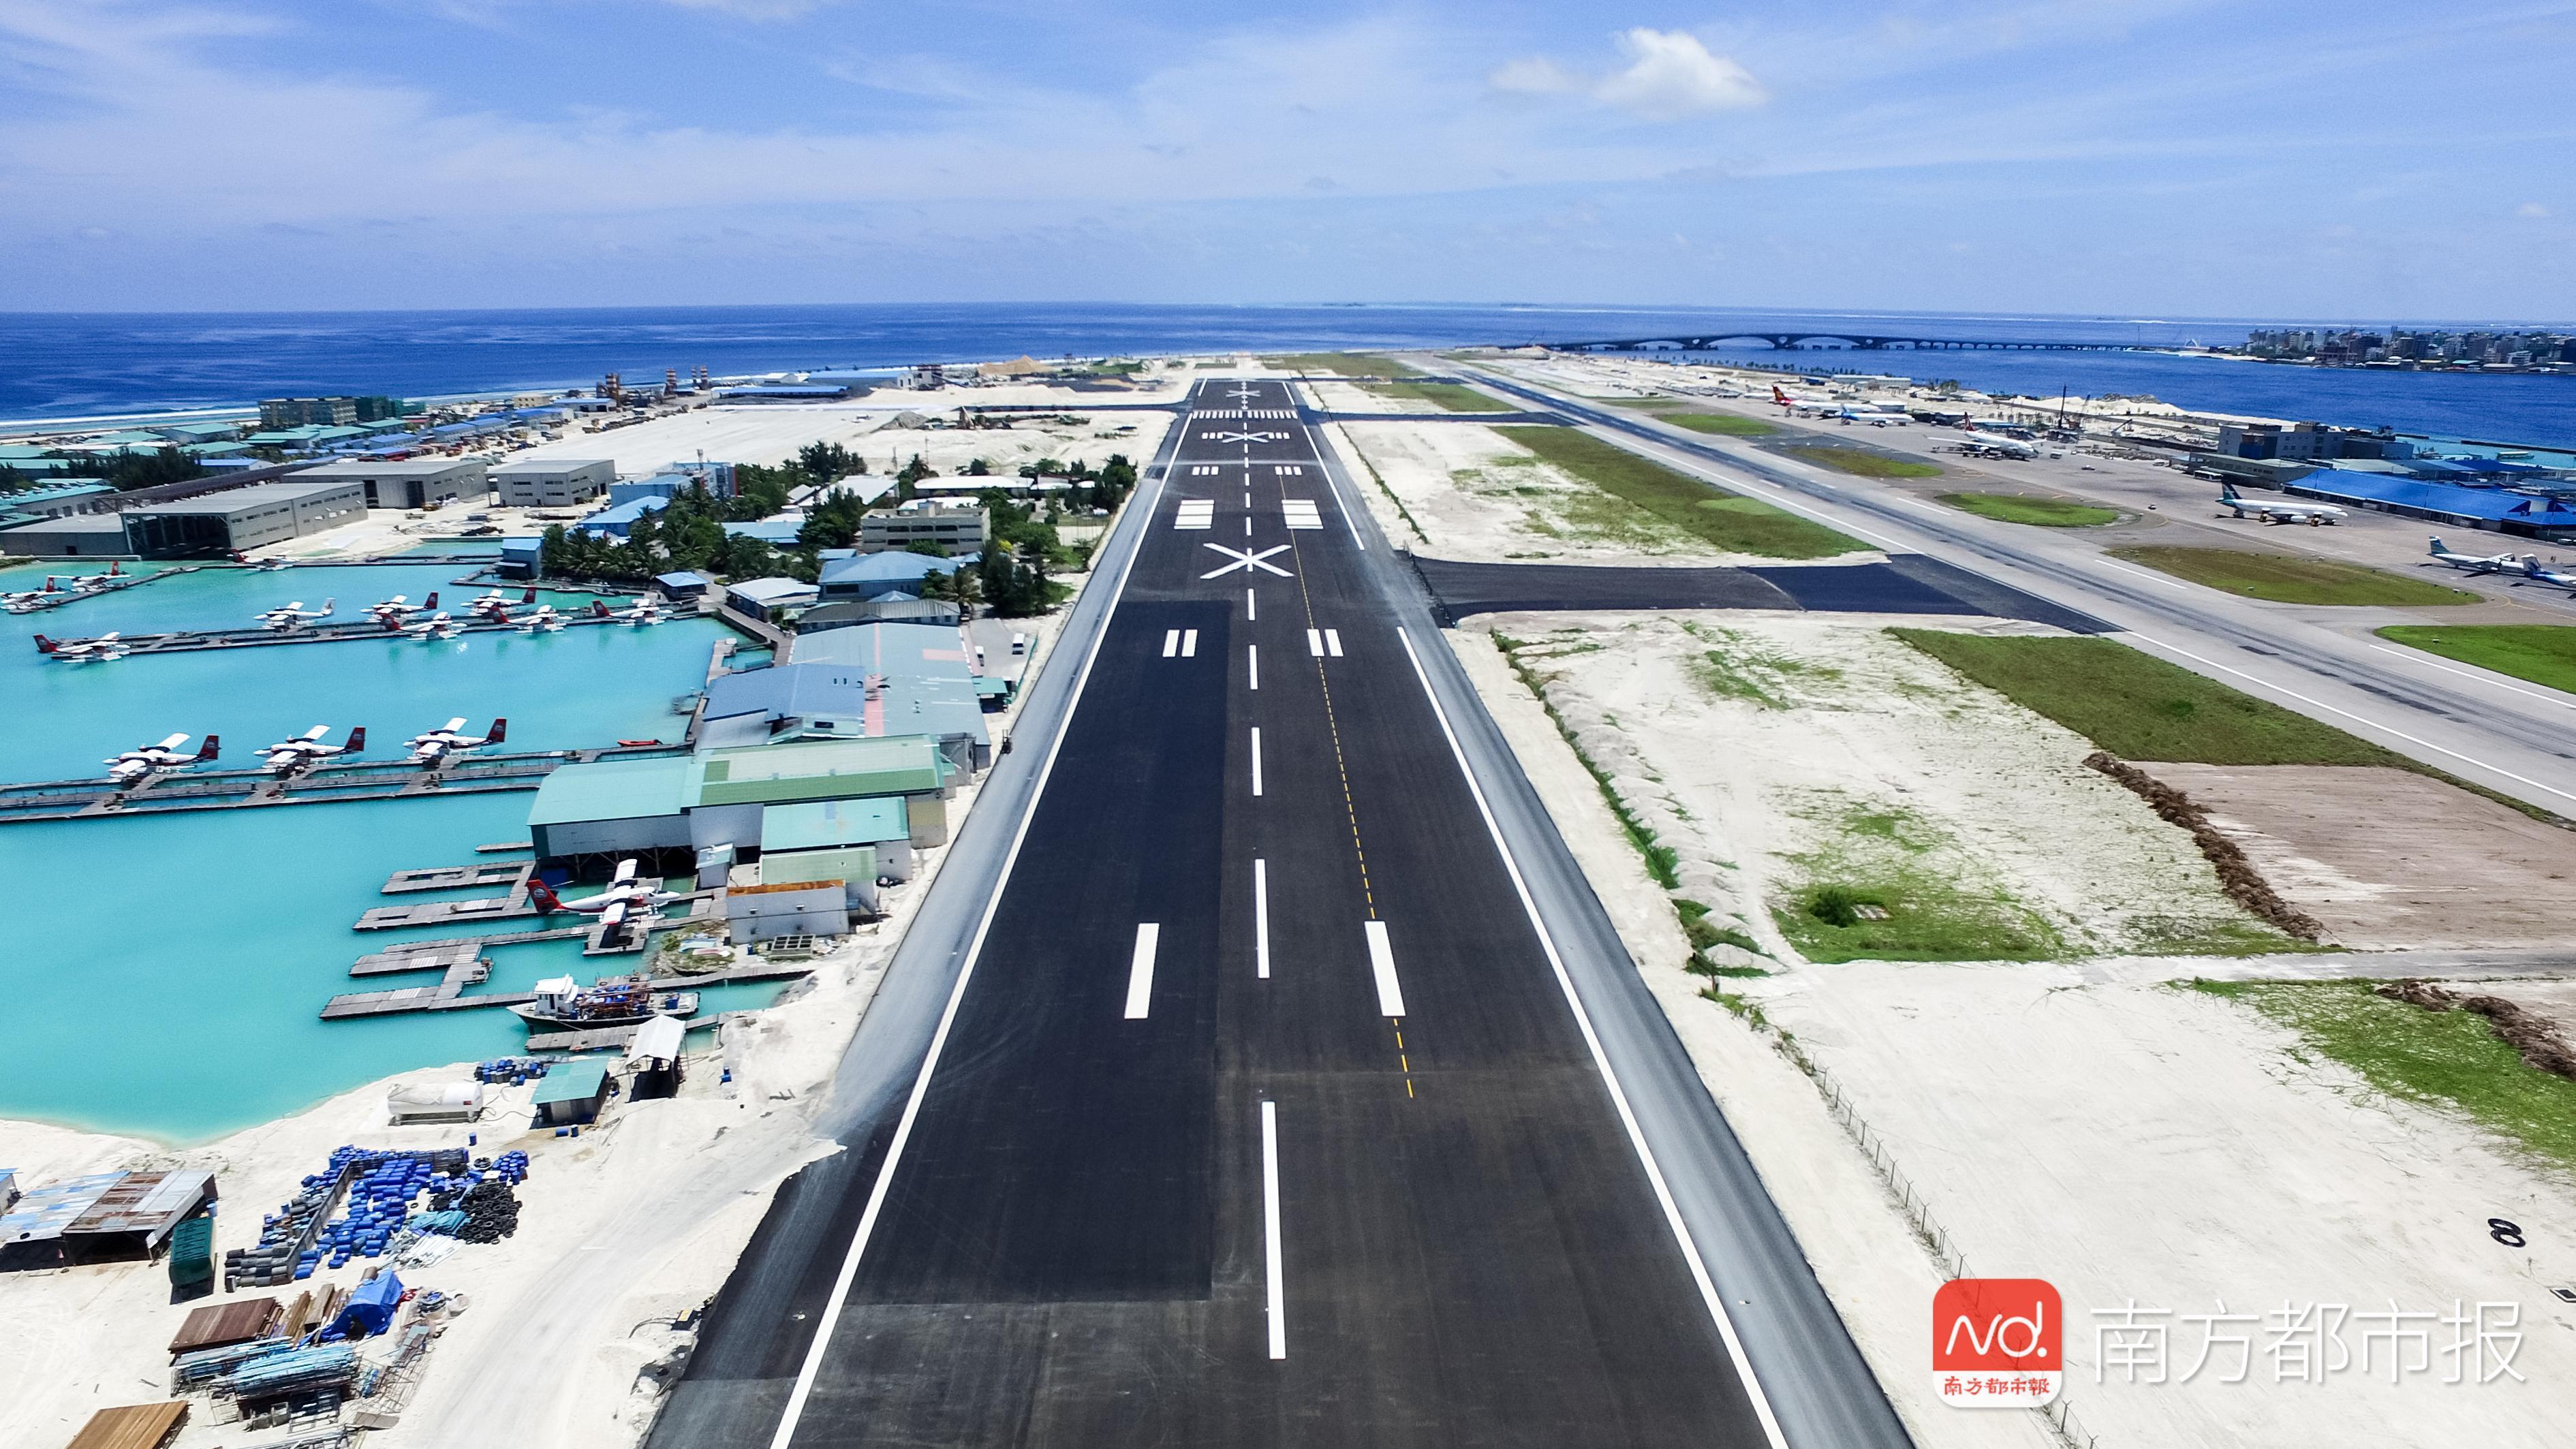 颜值再涨——马尔代夫国际机场新跑道试飞,中企建的!